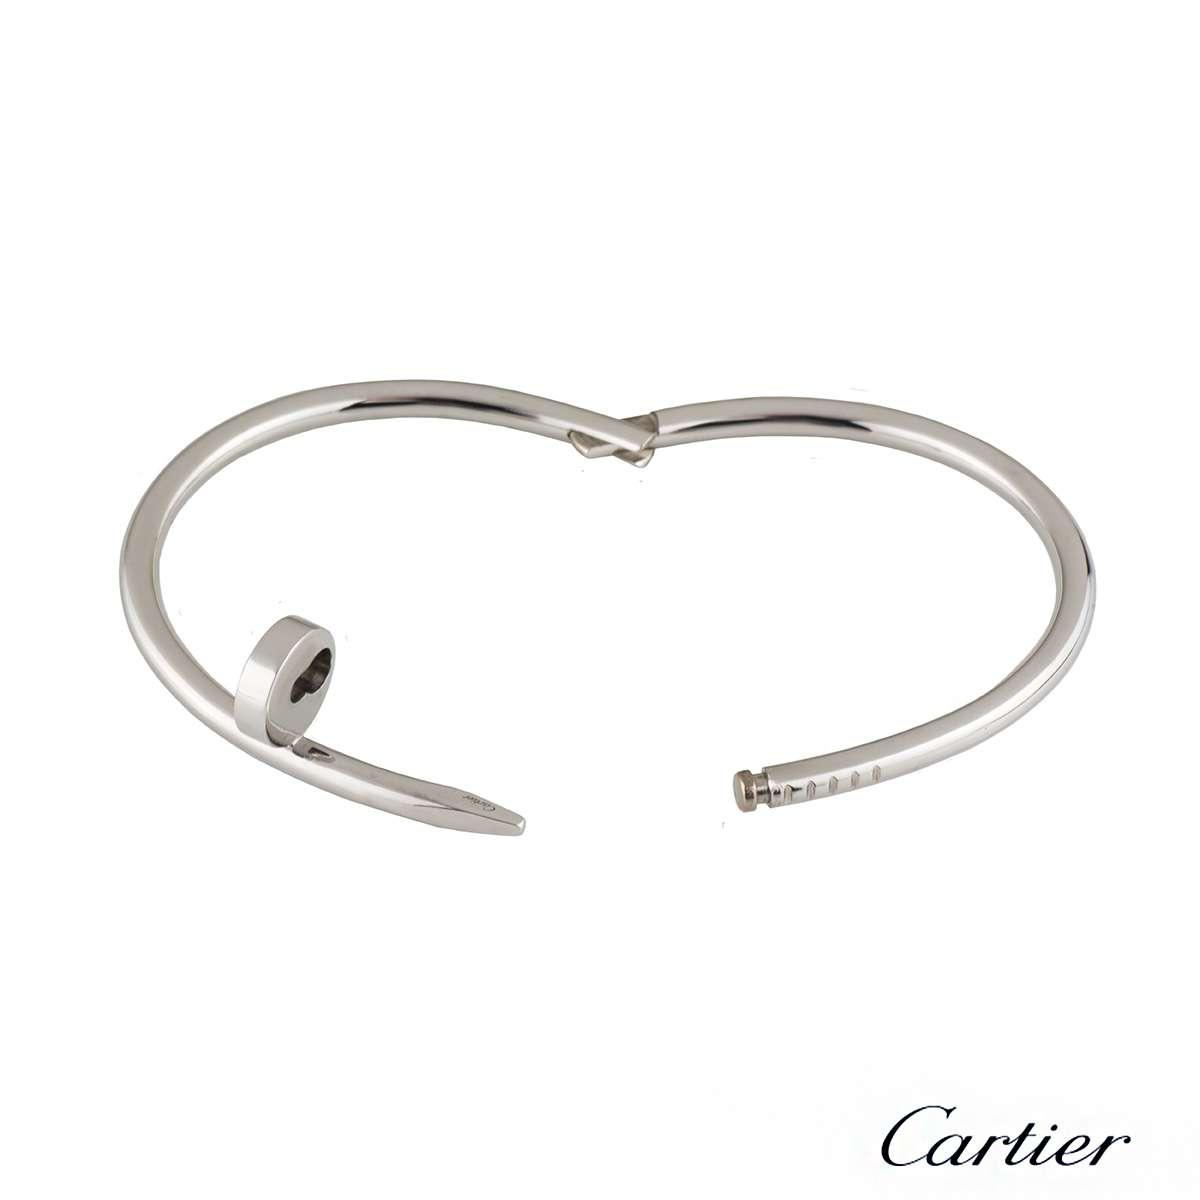 Cartier White Gold Juste Un Clou Bracelet Size 17 B6048317